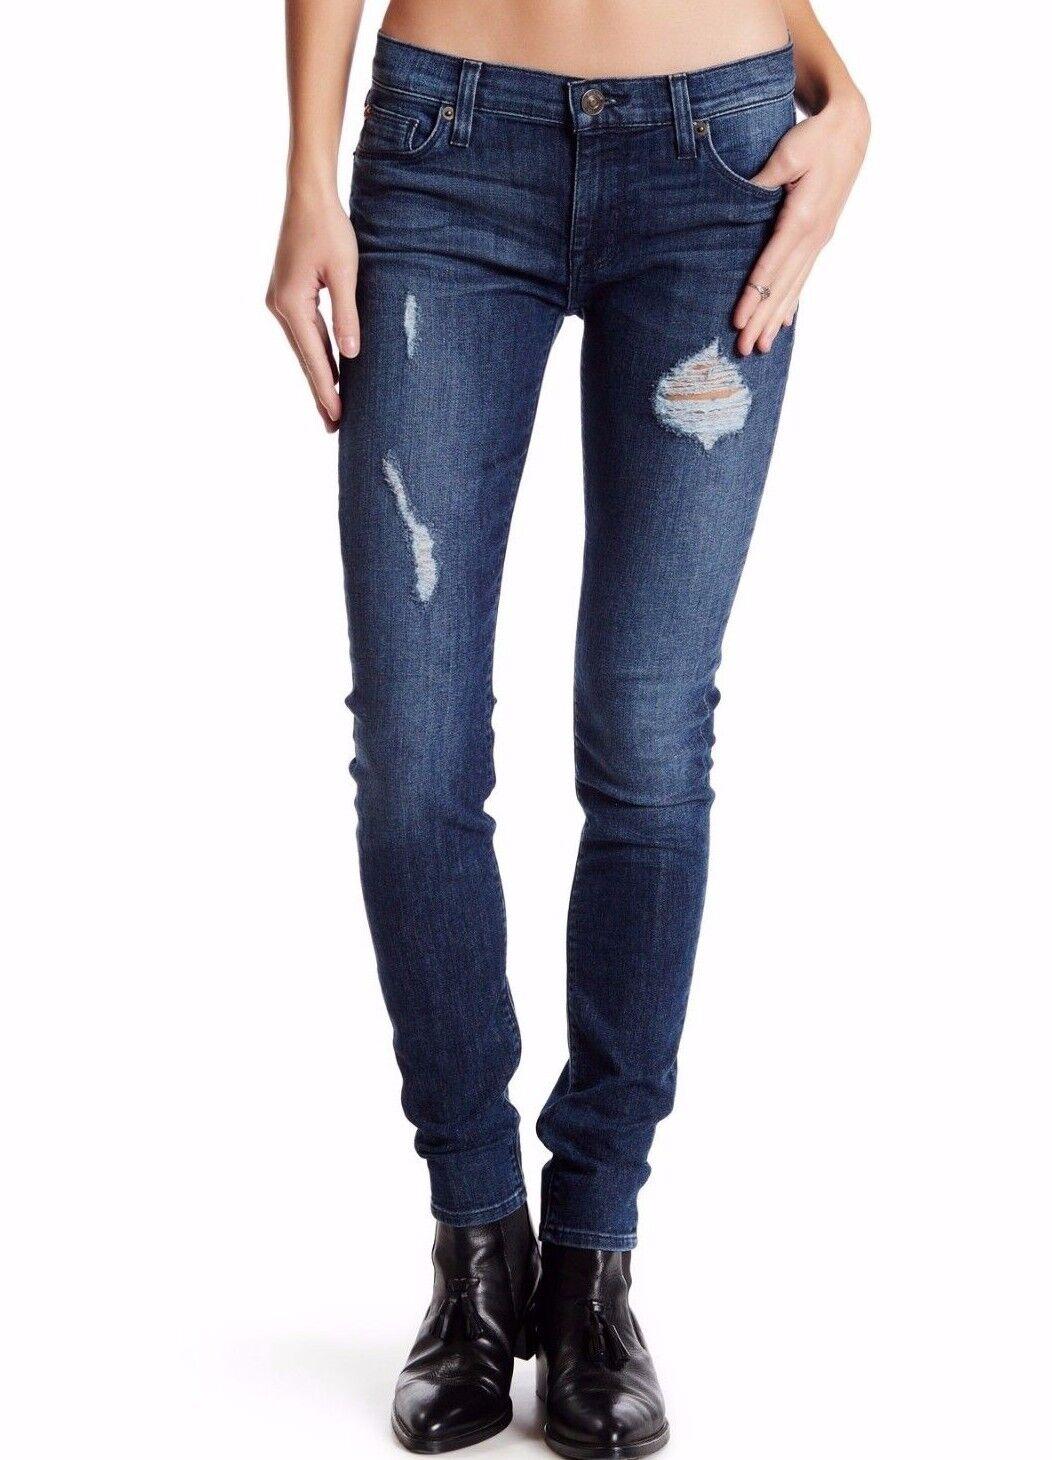 Nwt Hudson Sz30 Krista Knöchel Super Skinny-Stretch Jeans Distressed Samtosa